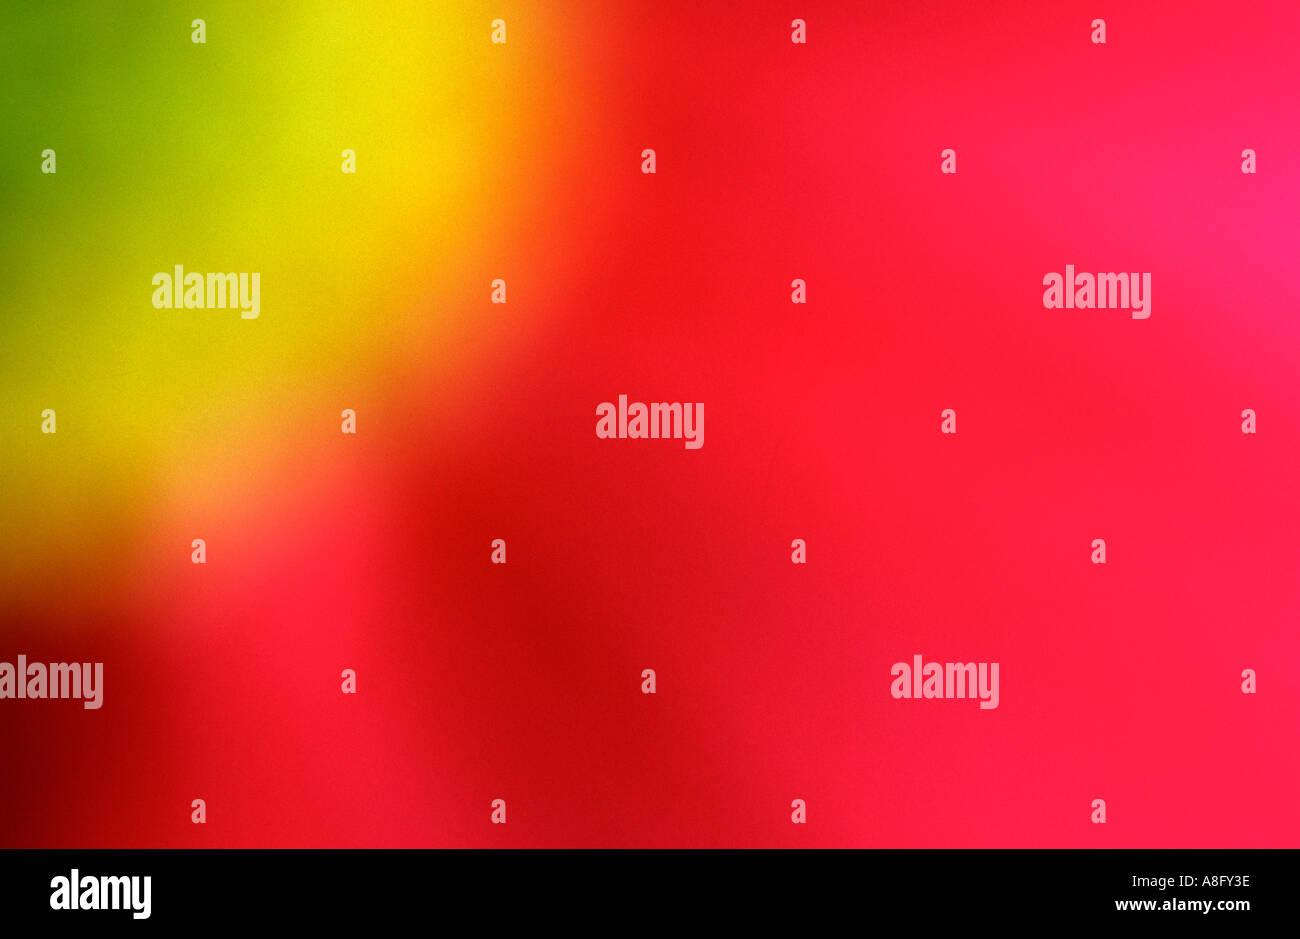 Resumen rojo amarillo y verde flor Imagen De Stock